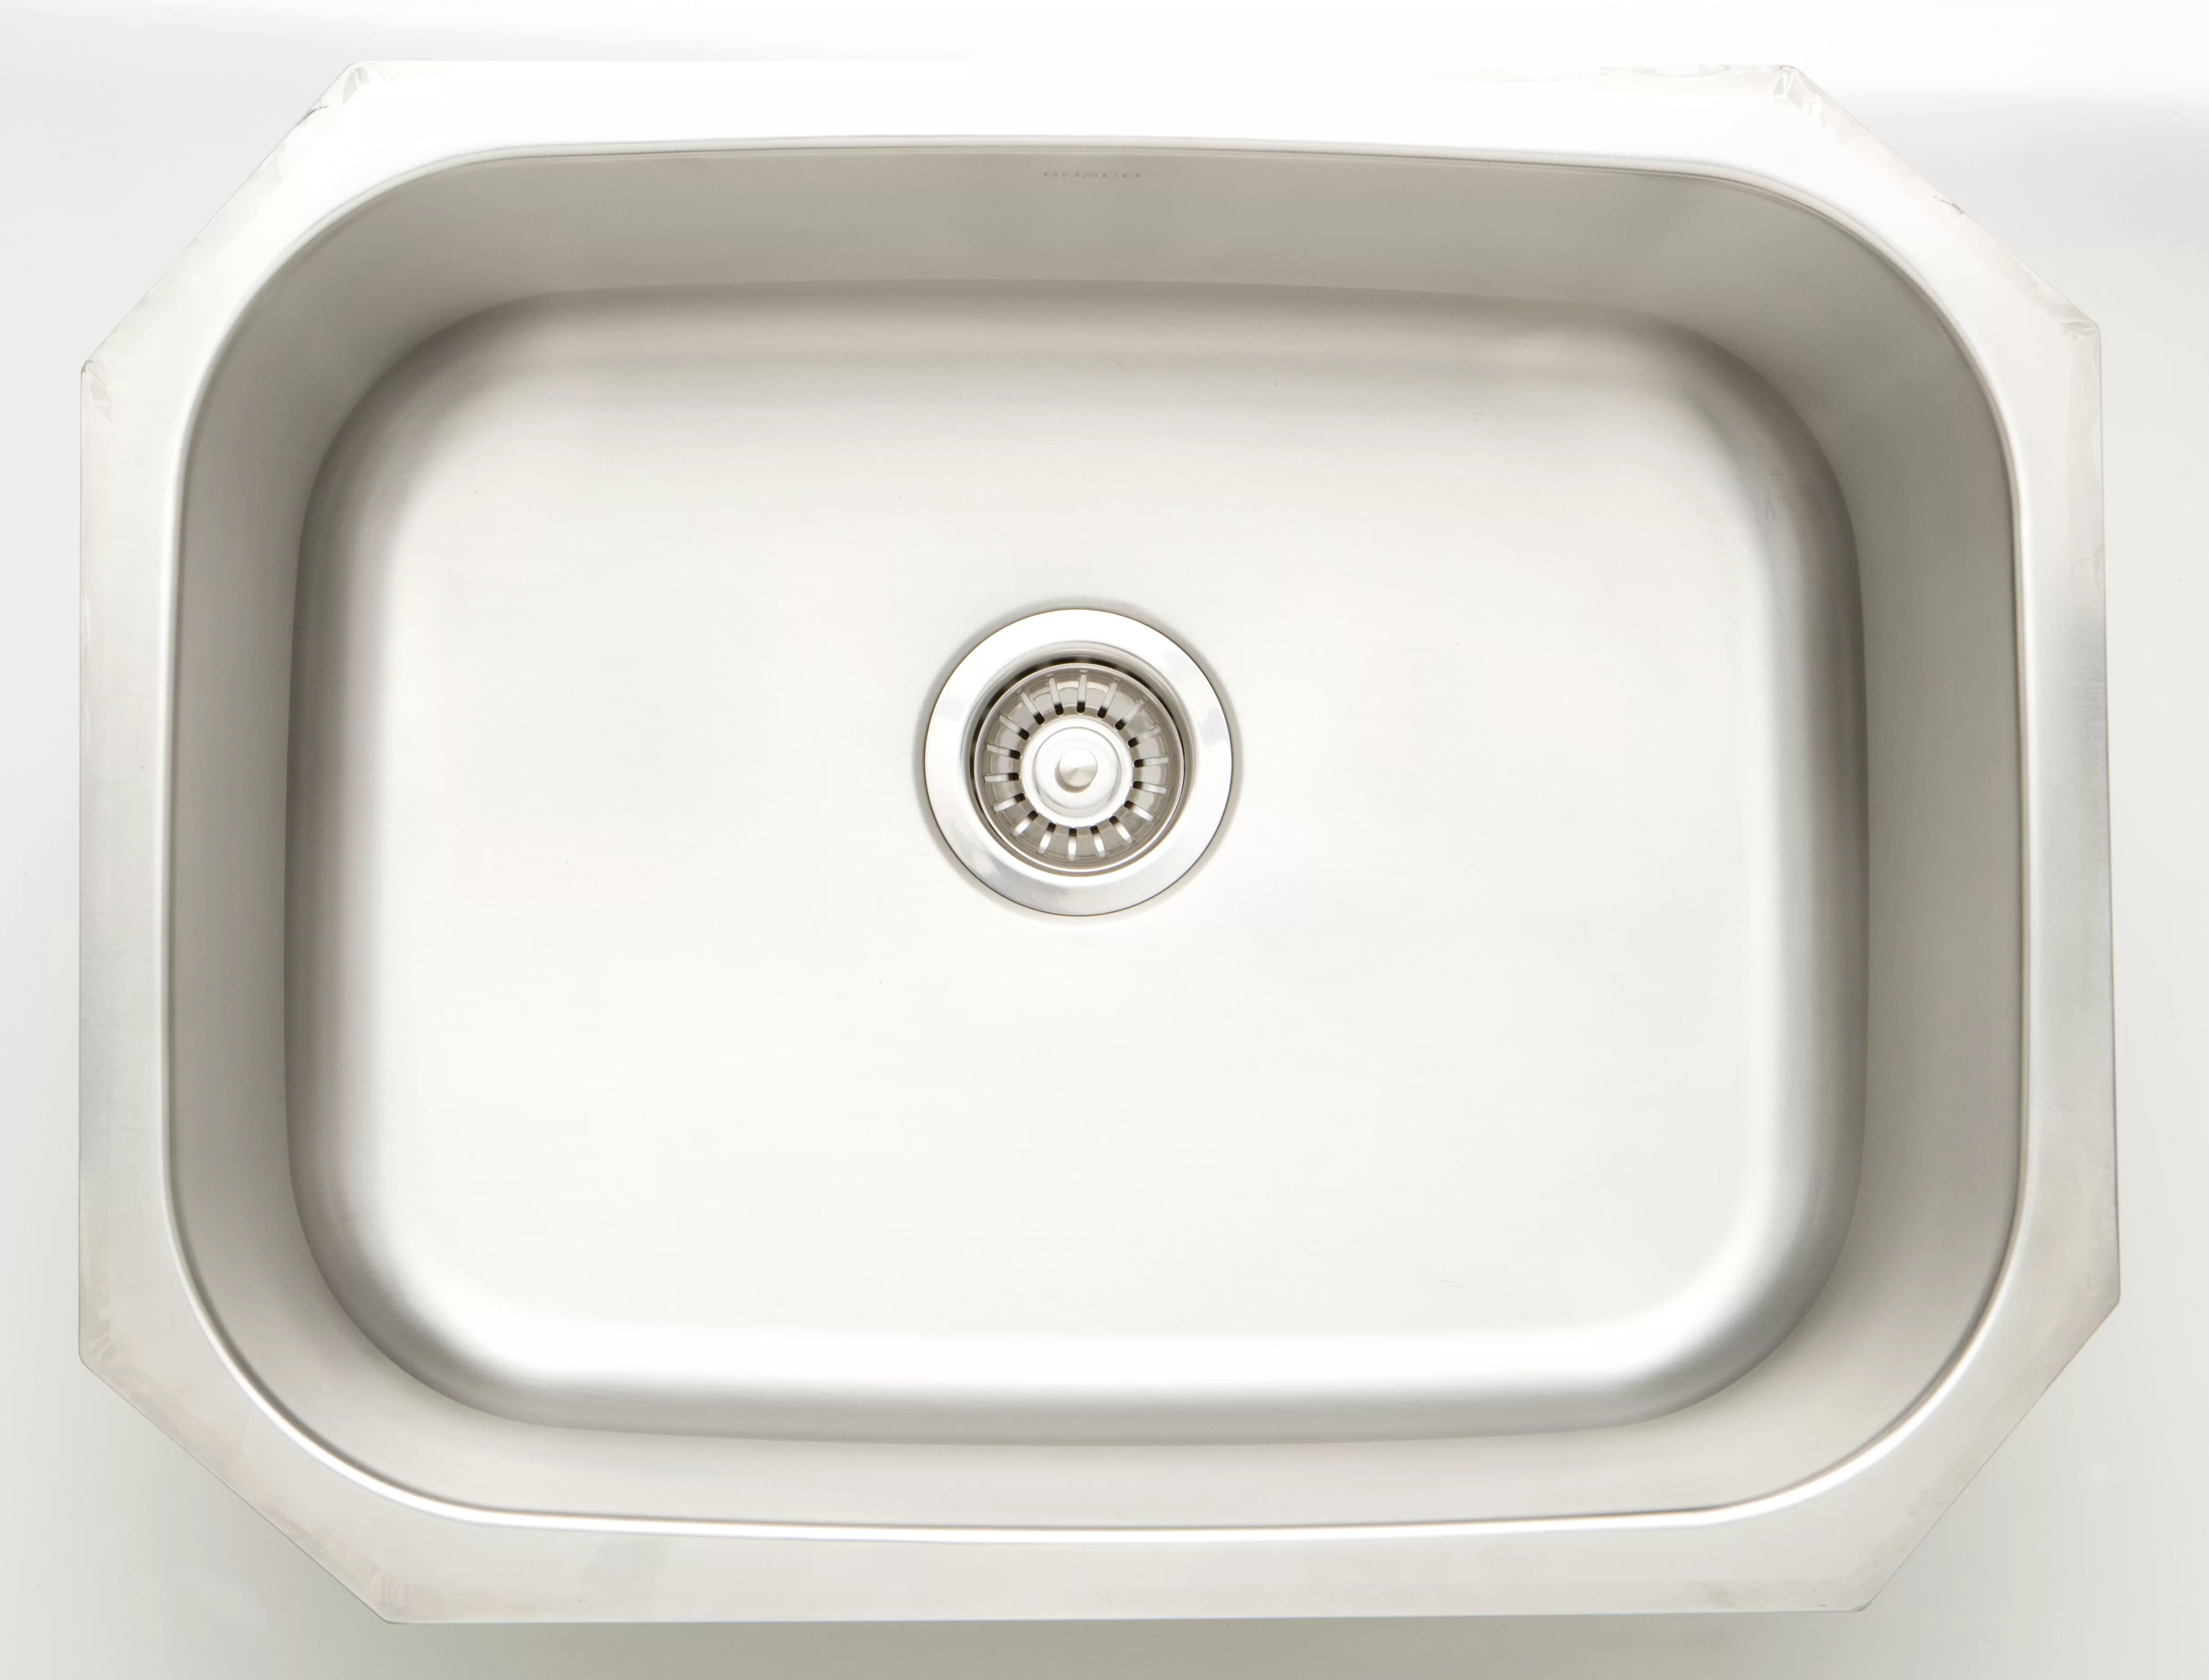 royalpurplebathkitchen 25 x 19 undermount kitchen sink with 18 gauge wayfair